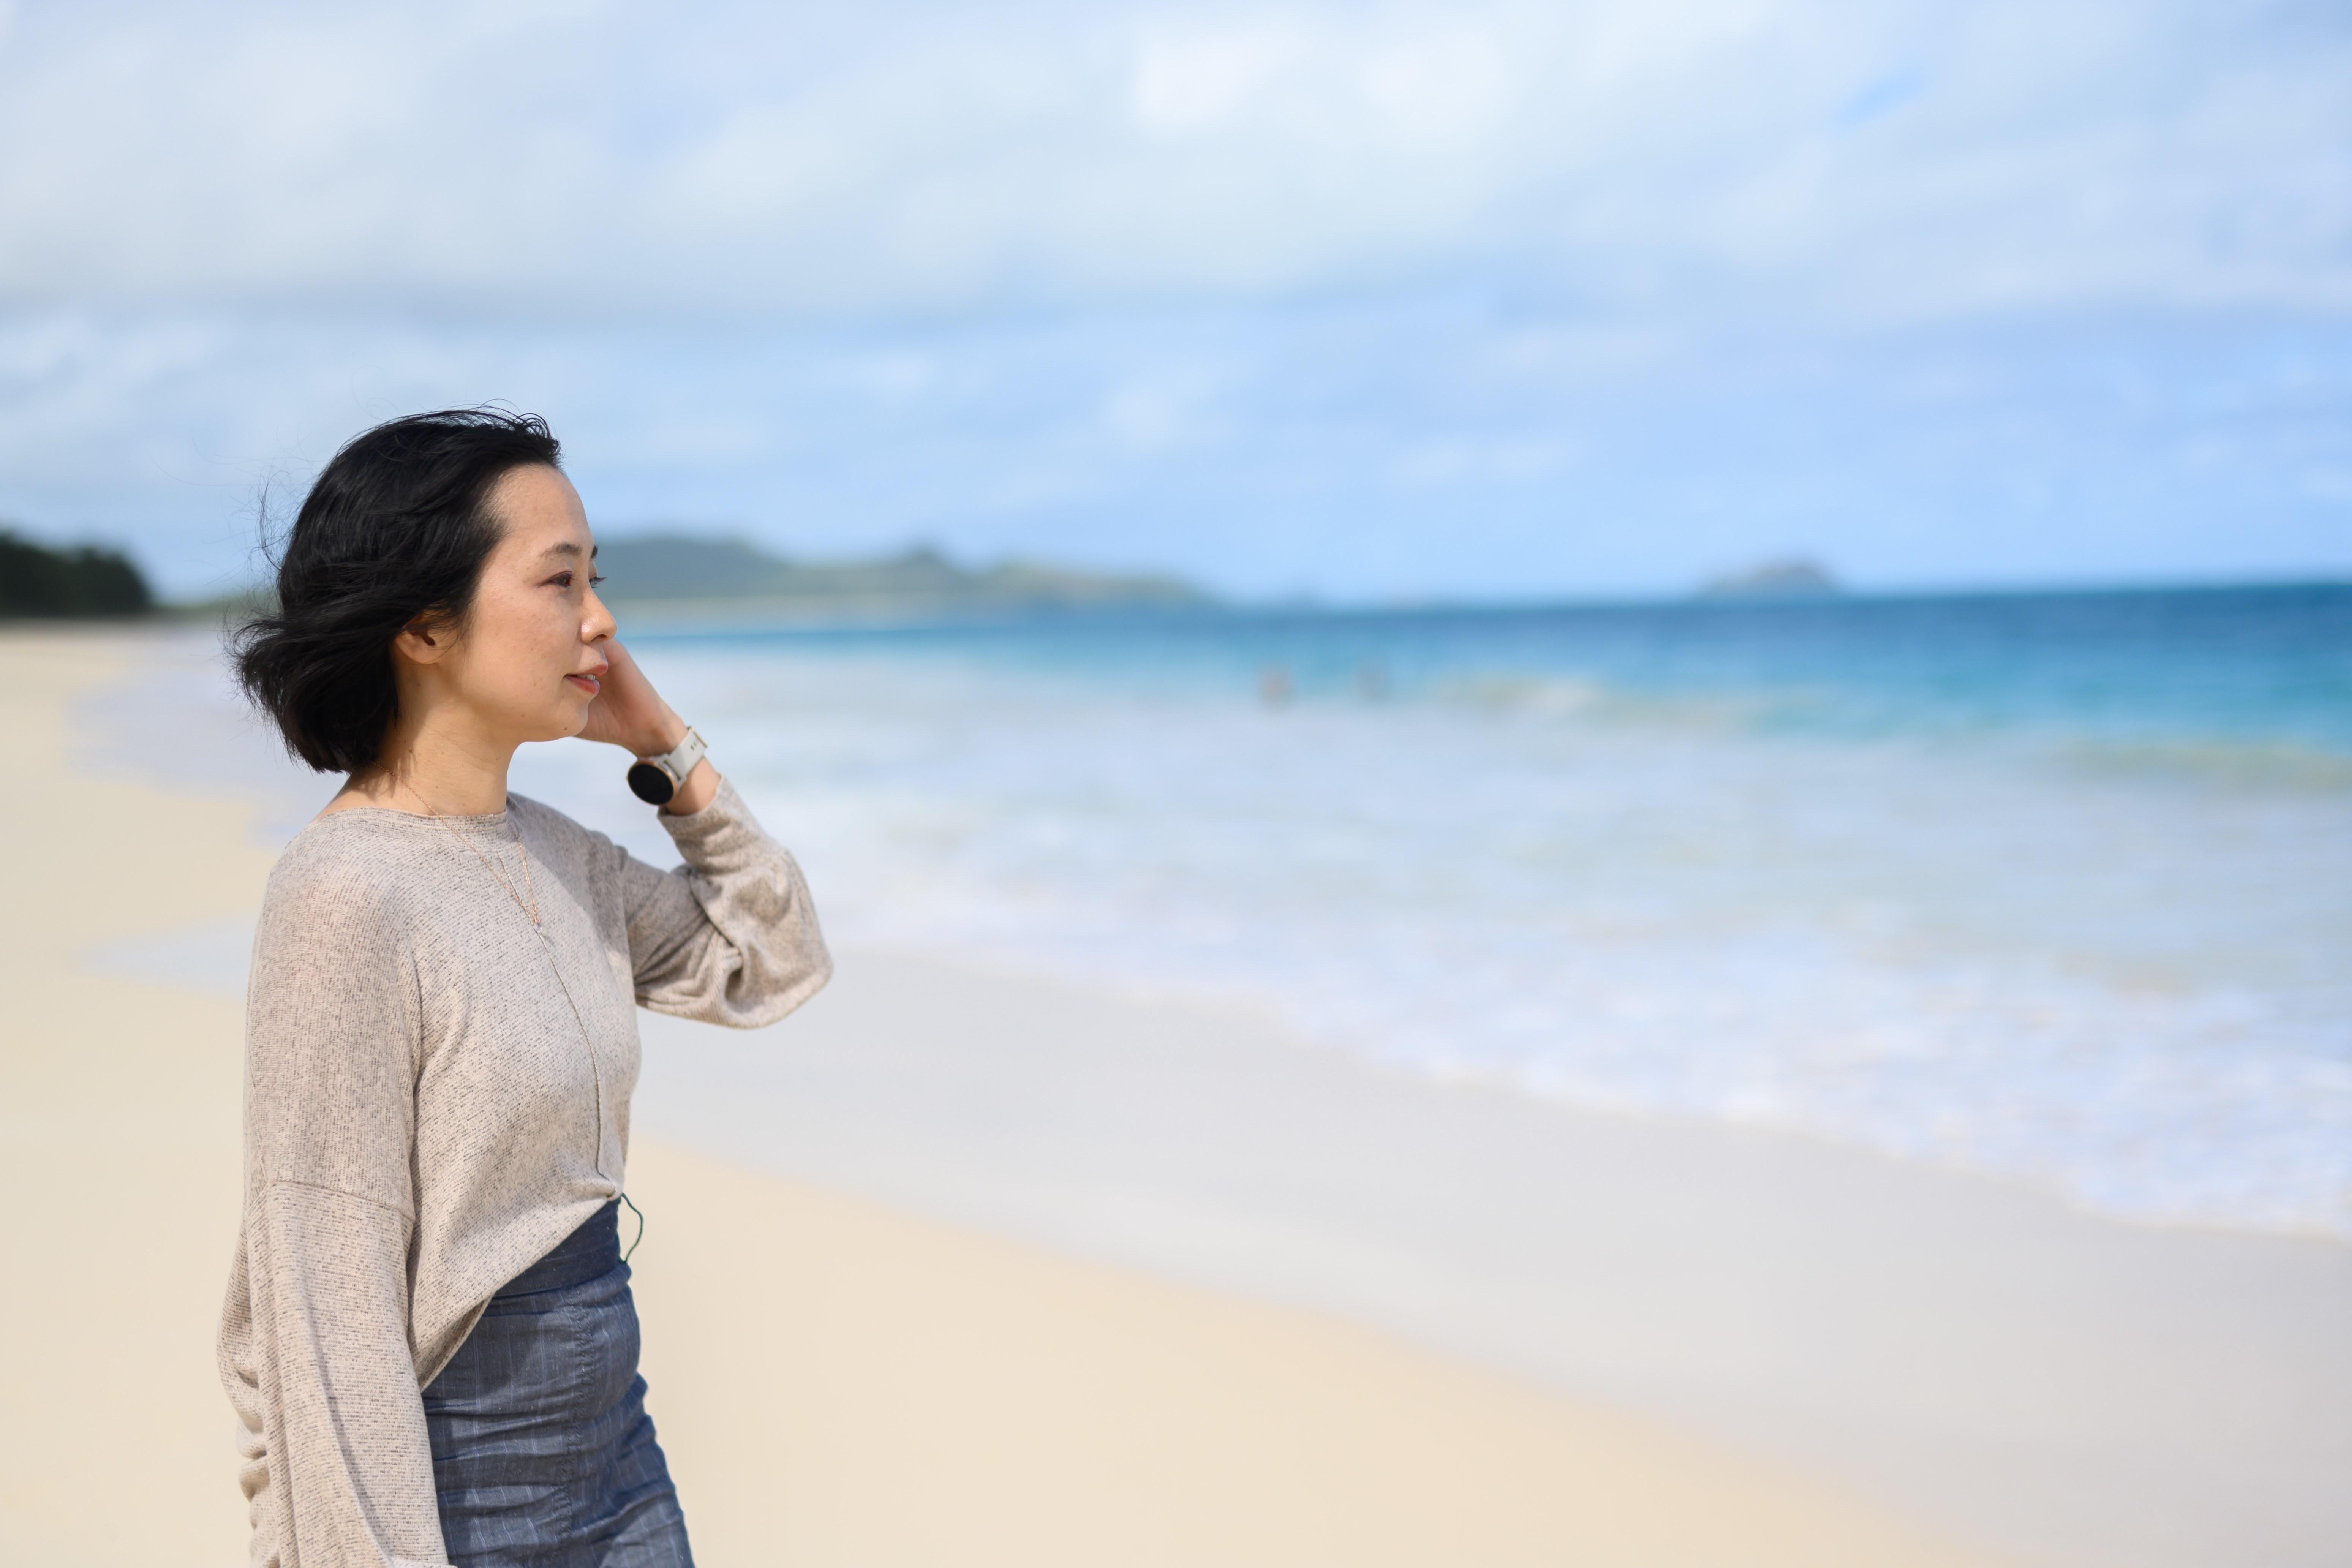 【特別編】ハワイ最新人気スポットを最新ジープで巡る!